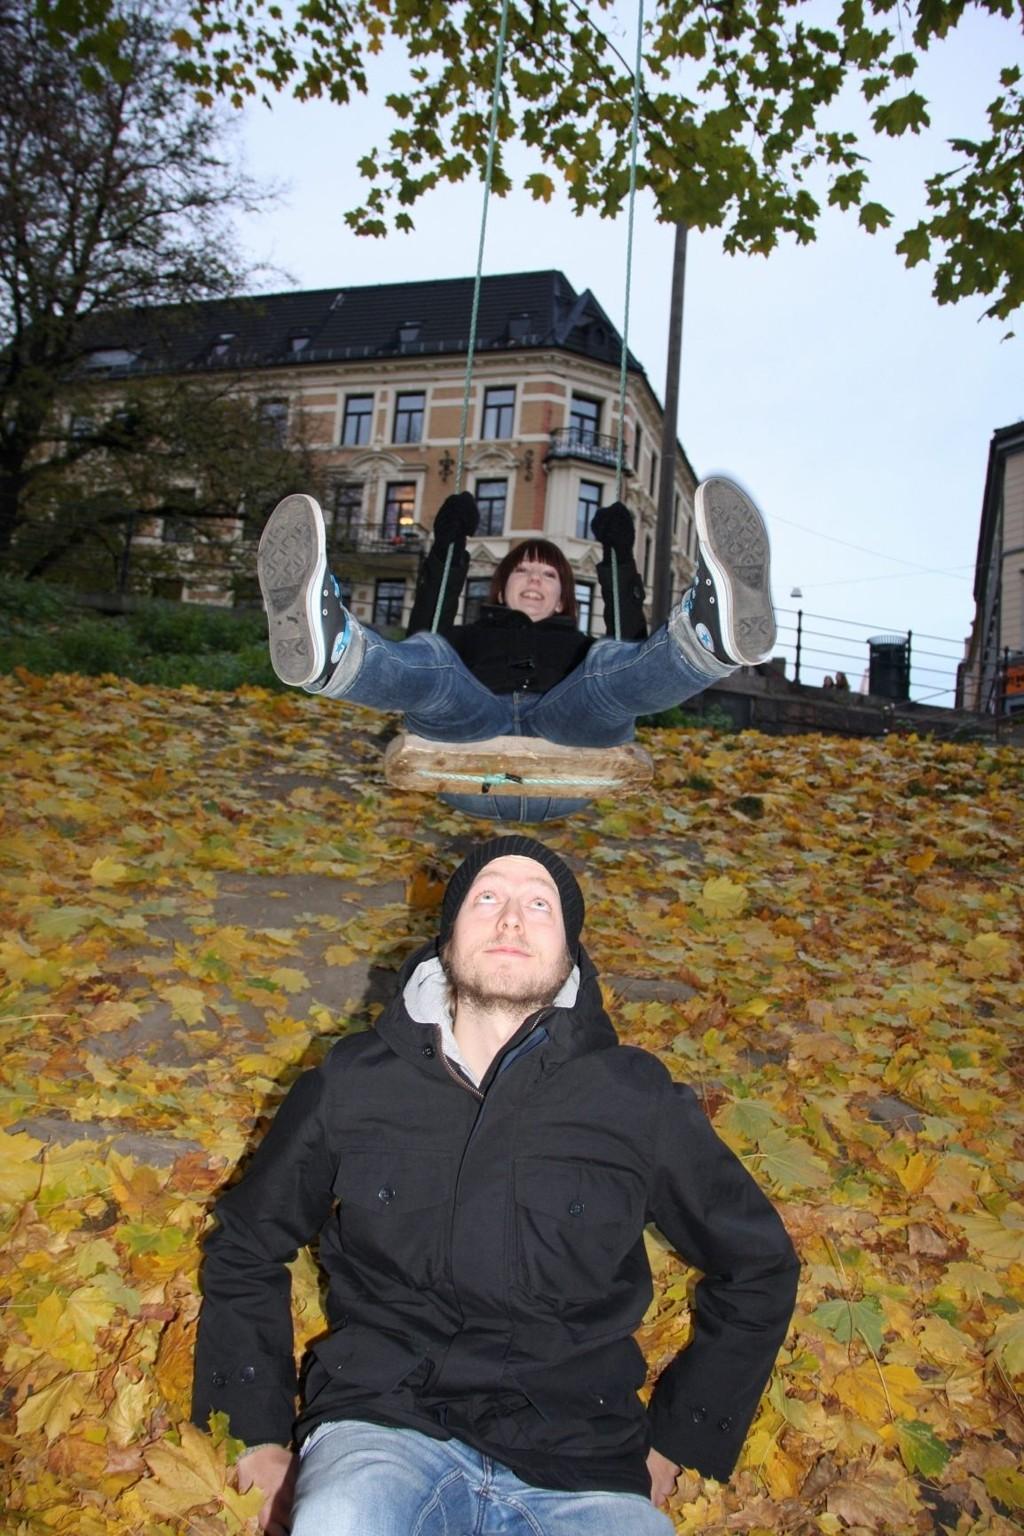 Håkon Julsrud og Vibeke Stølan i Luftballong venter spent på dommen fra Kaizers Orchestra etter at de kasta seg inn i konkurransen om å lage en coverlåt av Kaizers singel Hjerteknuser.